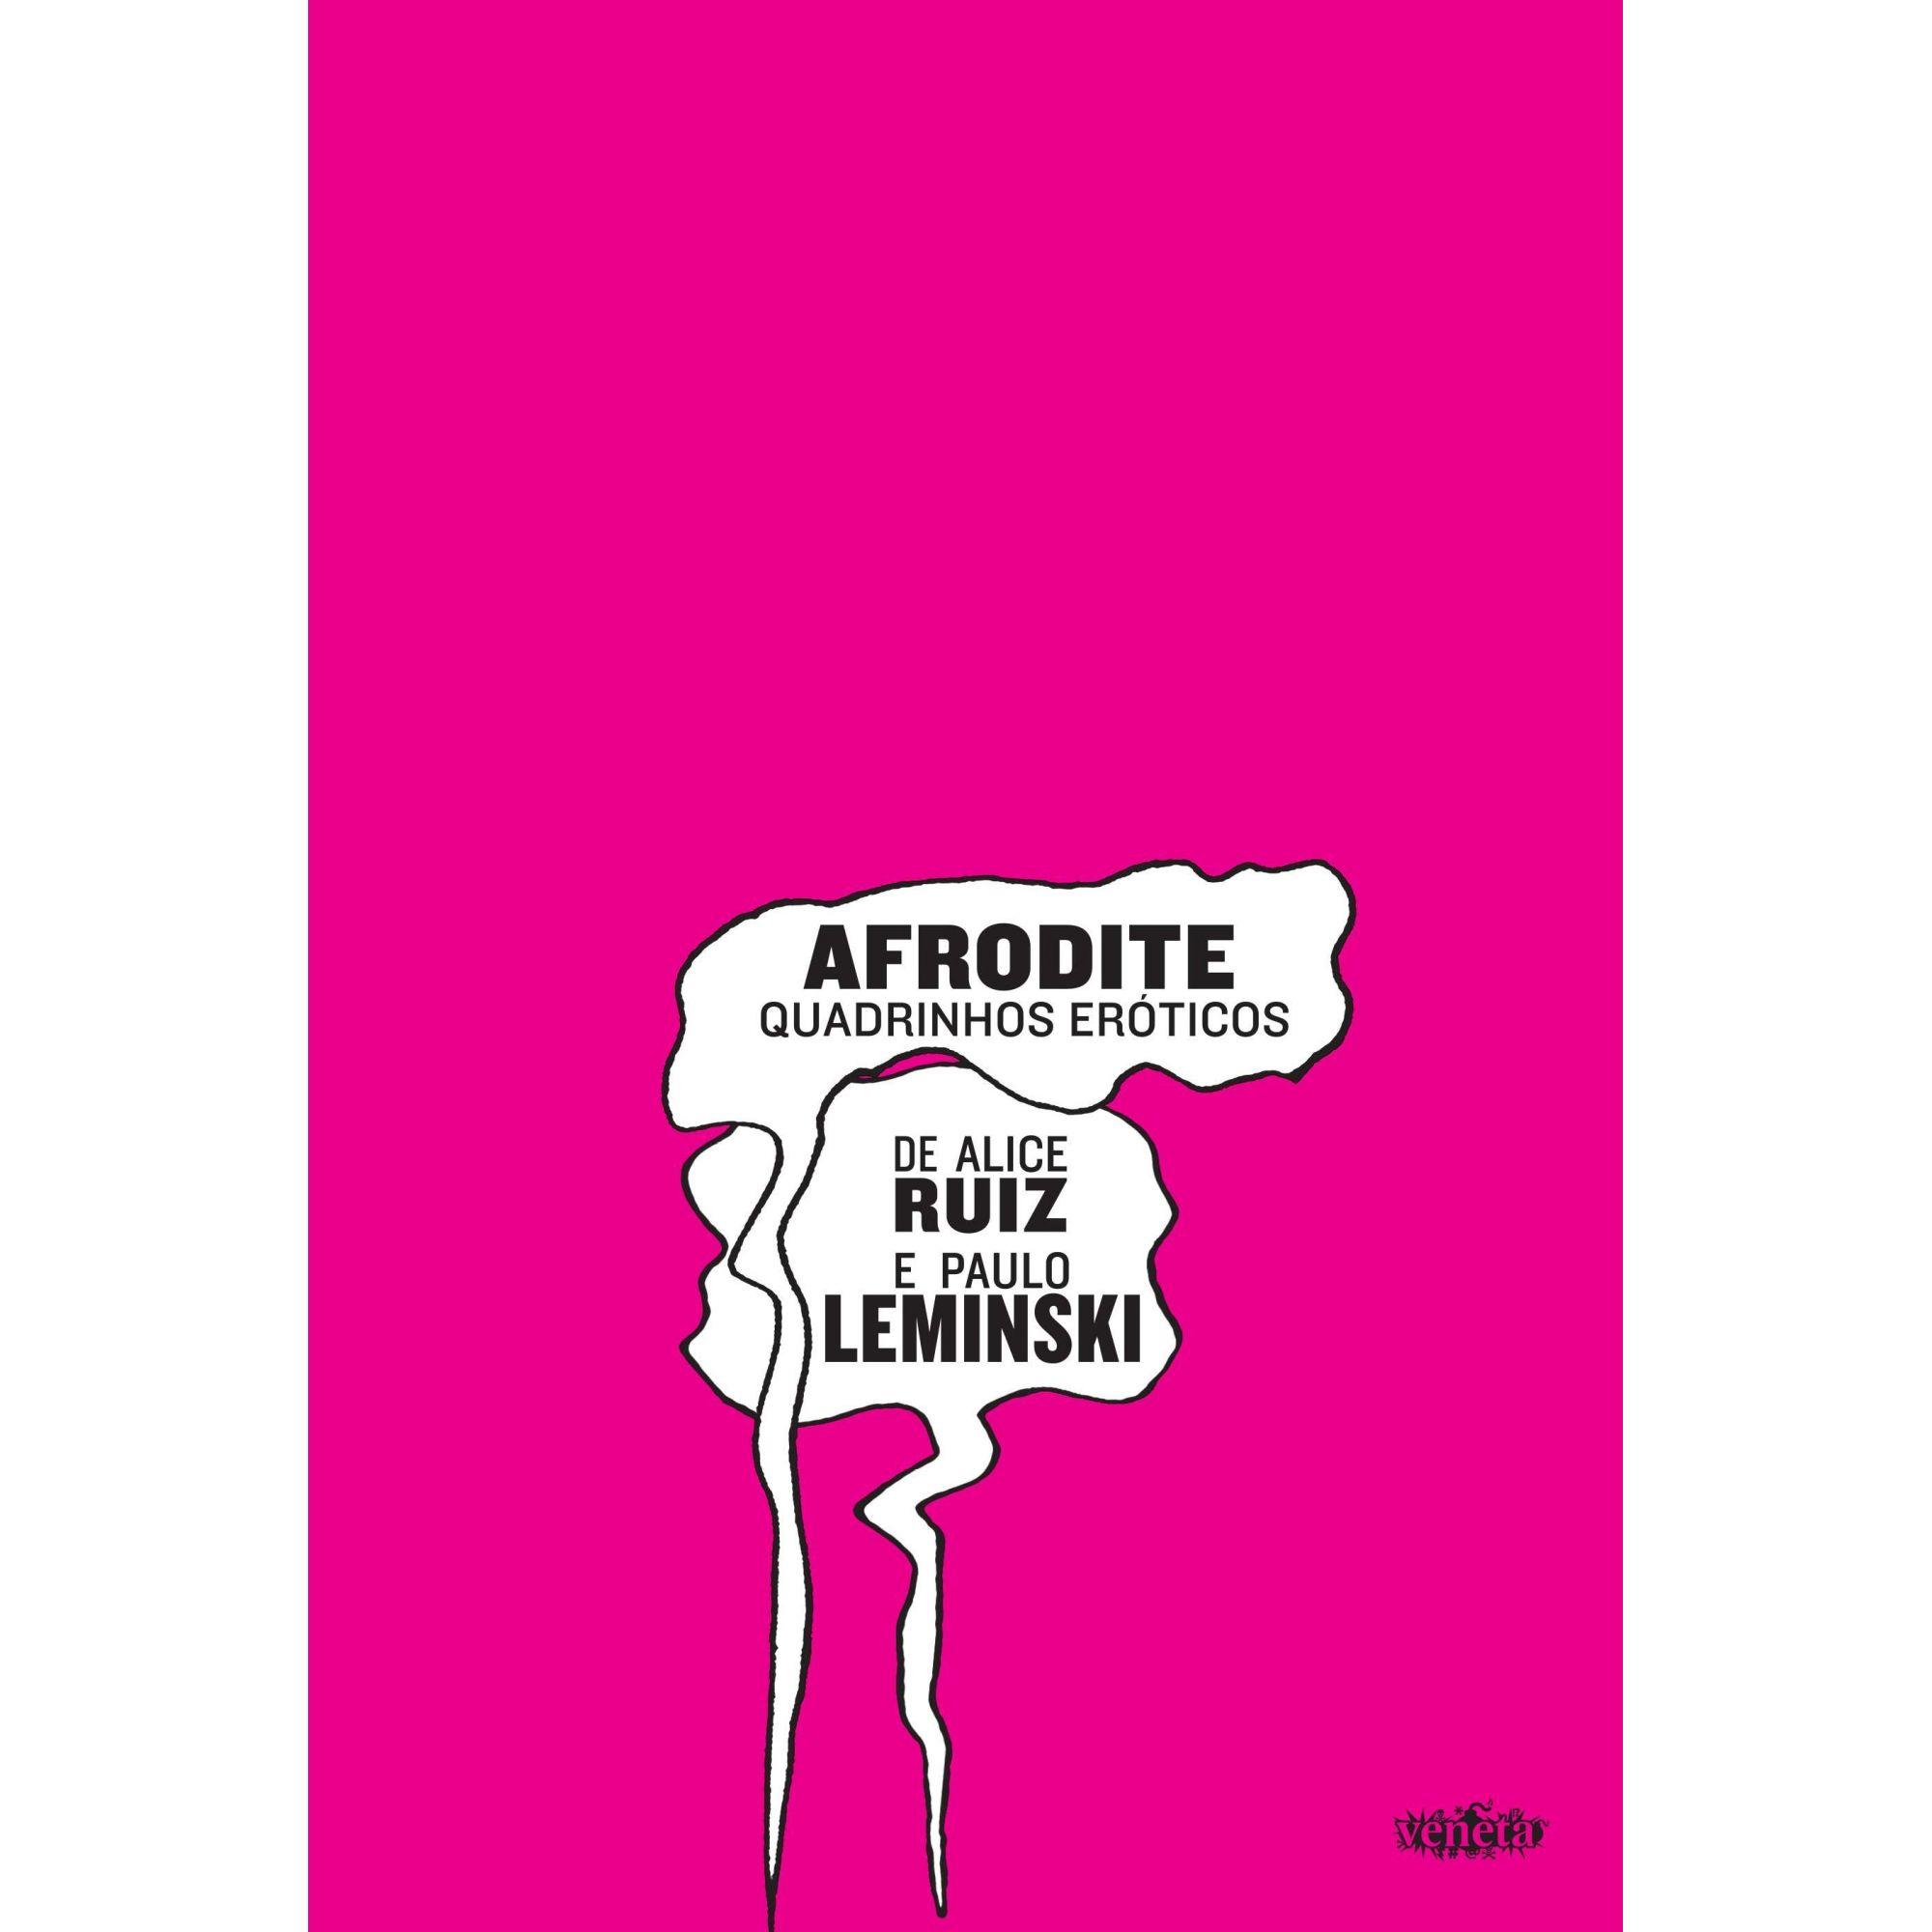 Afrodite quadrinhos eróticos